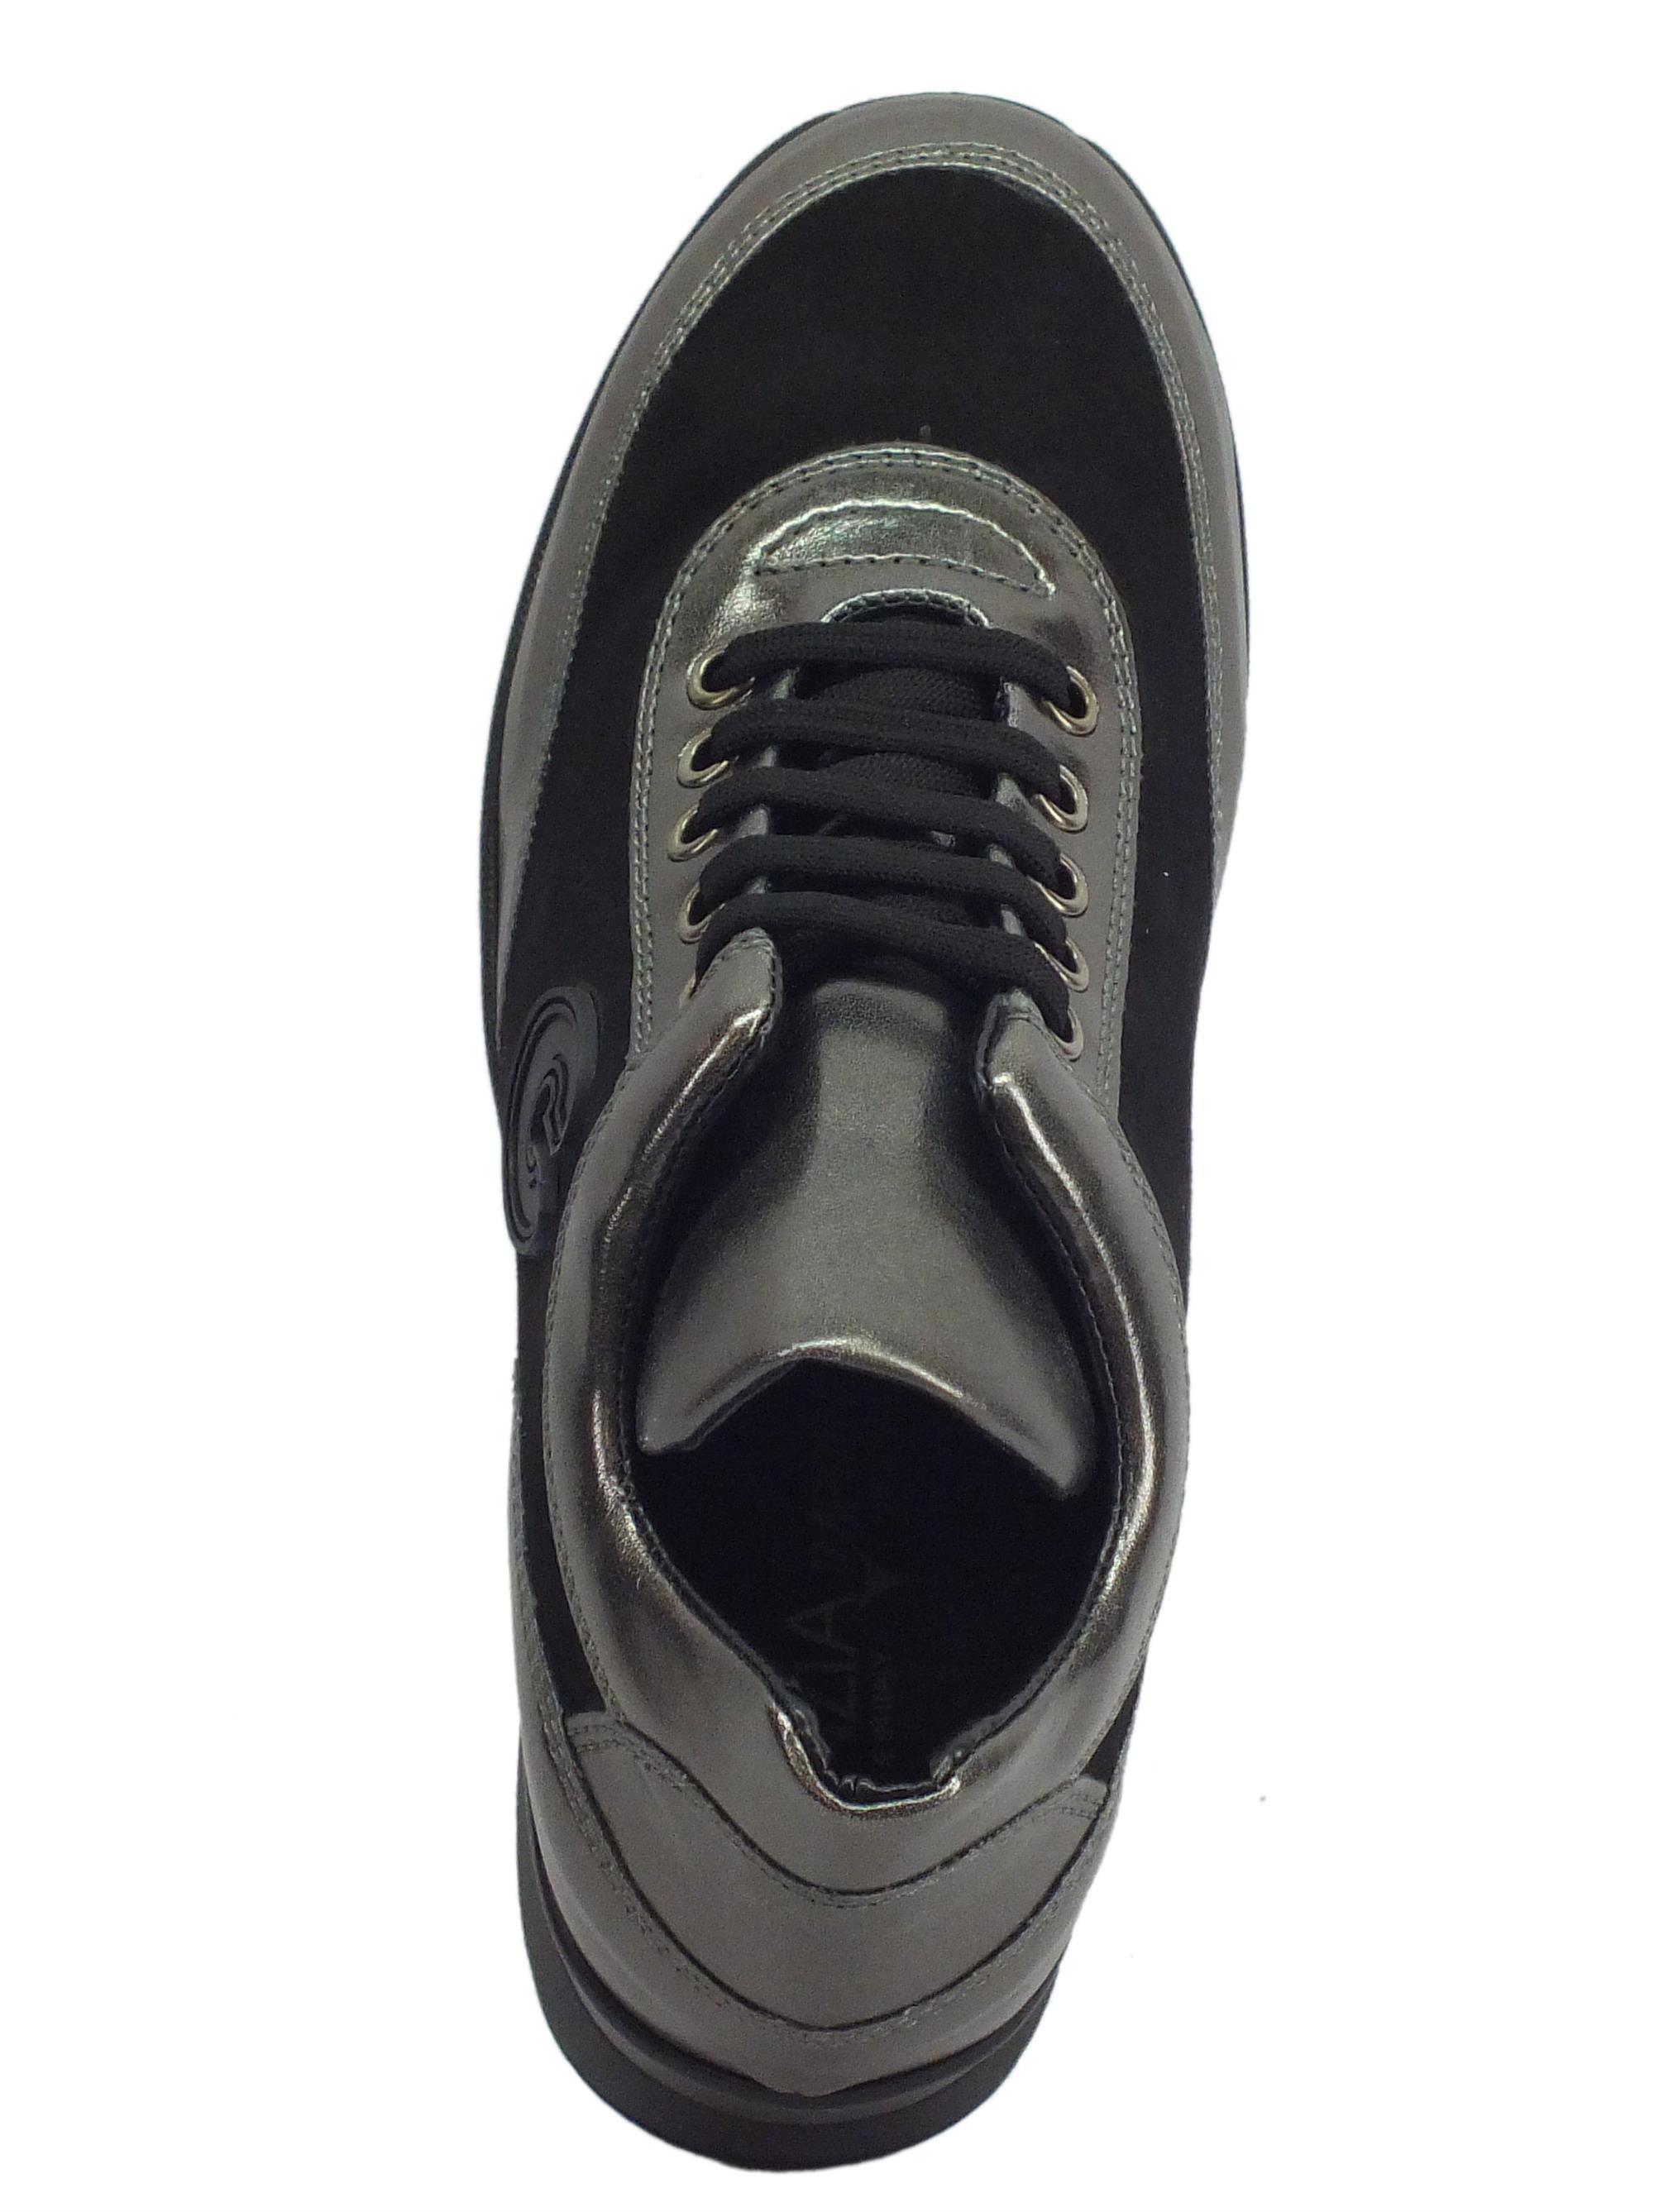 c7ef30257edc7 ... Sneakers Confort Cinzia Soft per donna in camoscio nero e pelle grigia